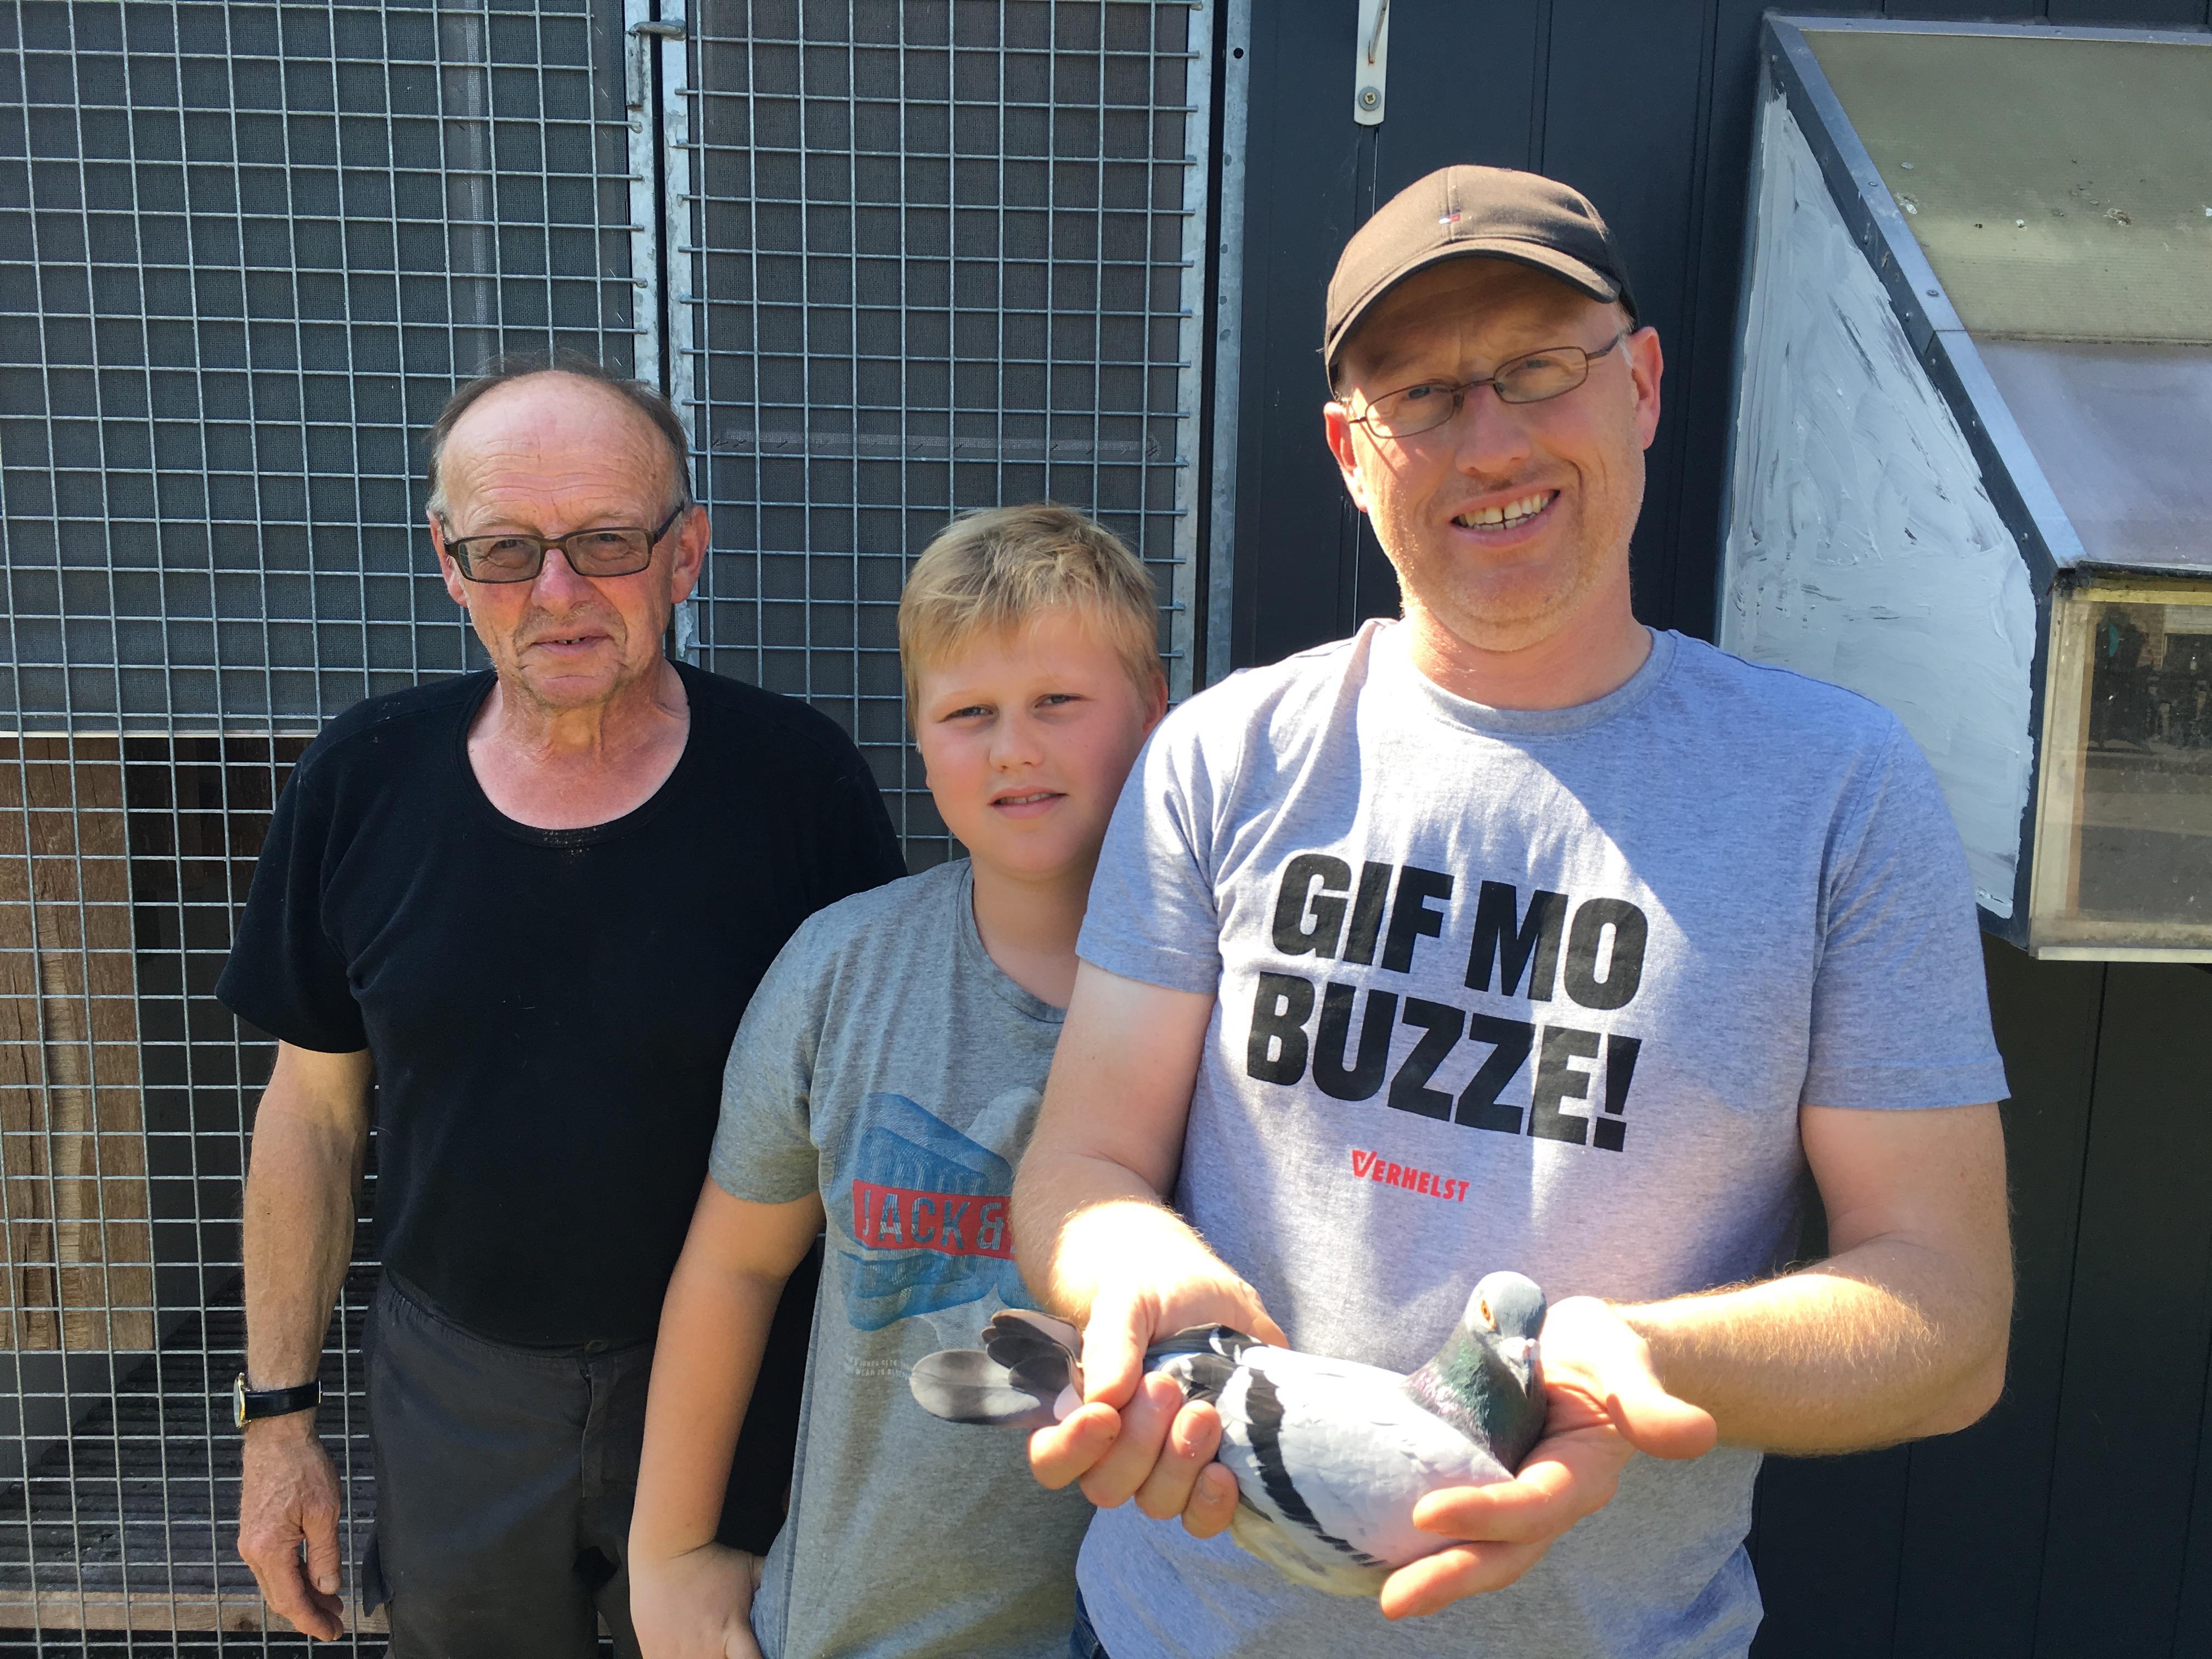 David(rechts)Vater Filip (links) & Sohn Milan